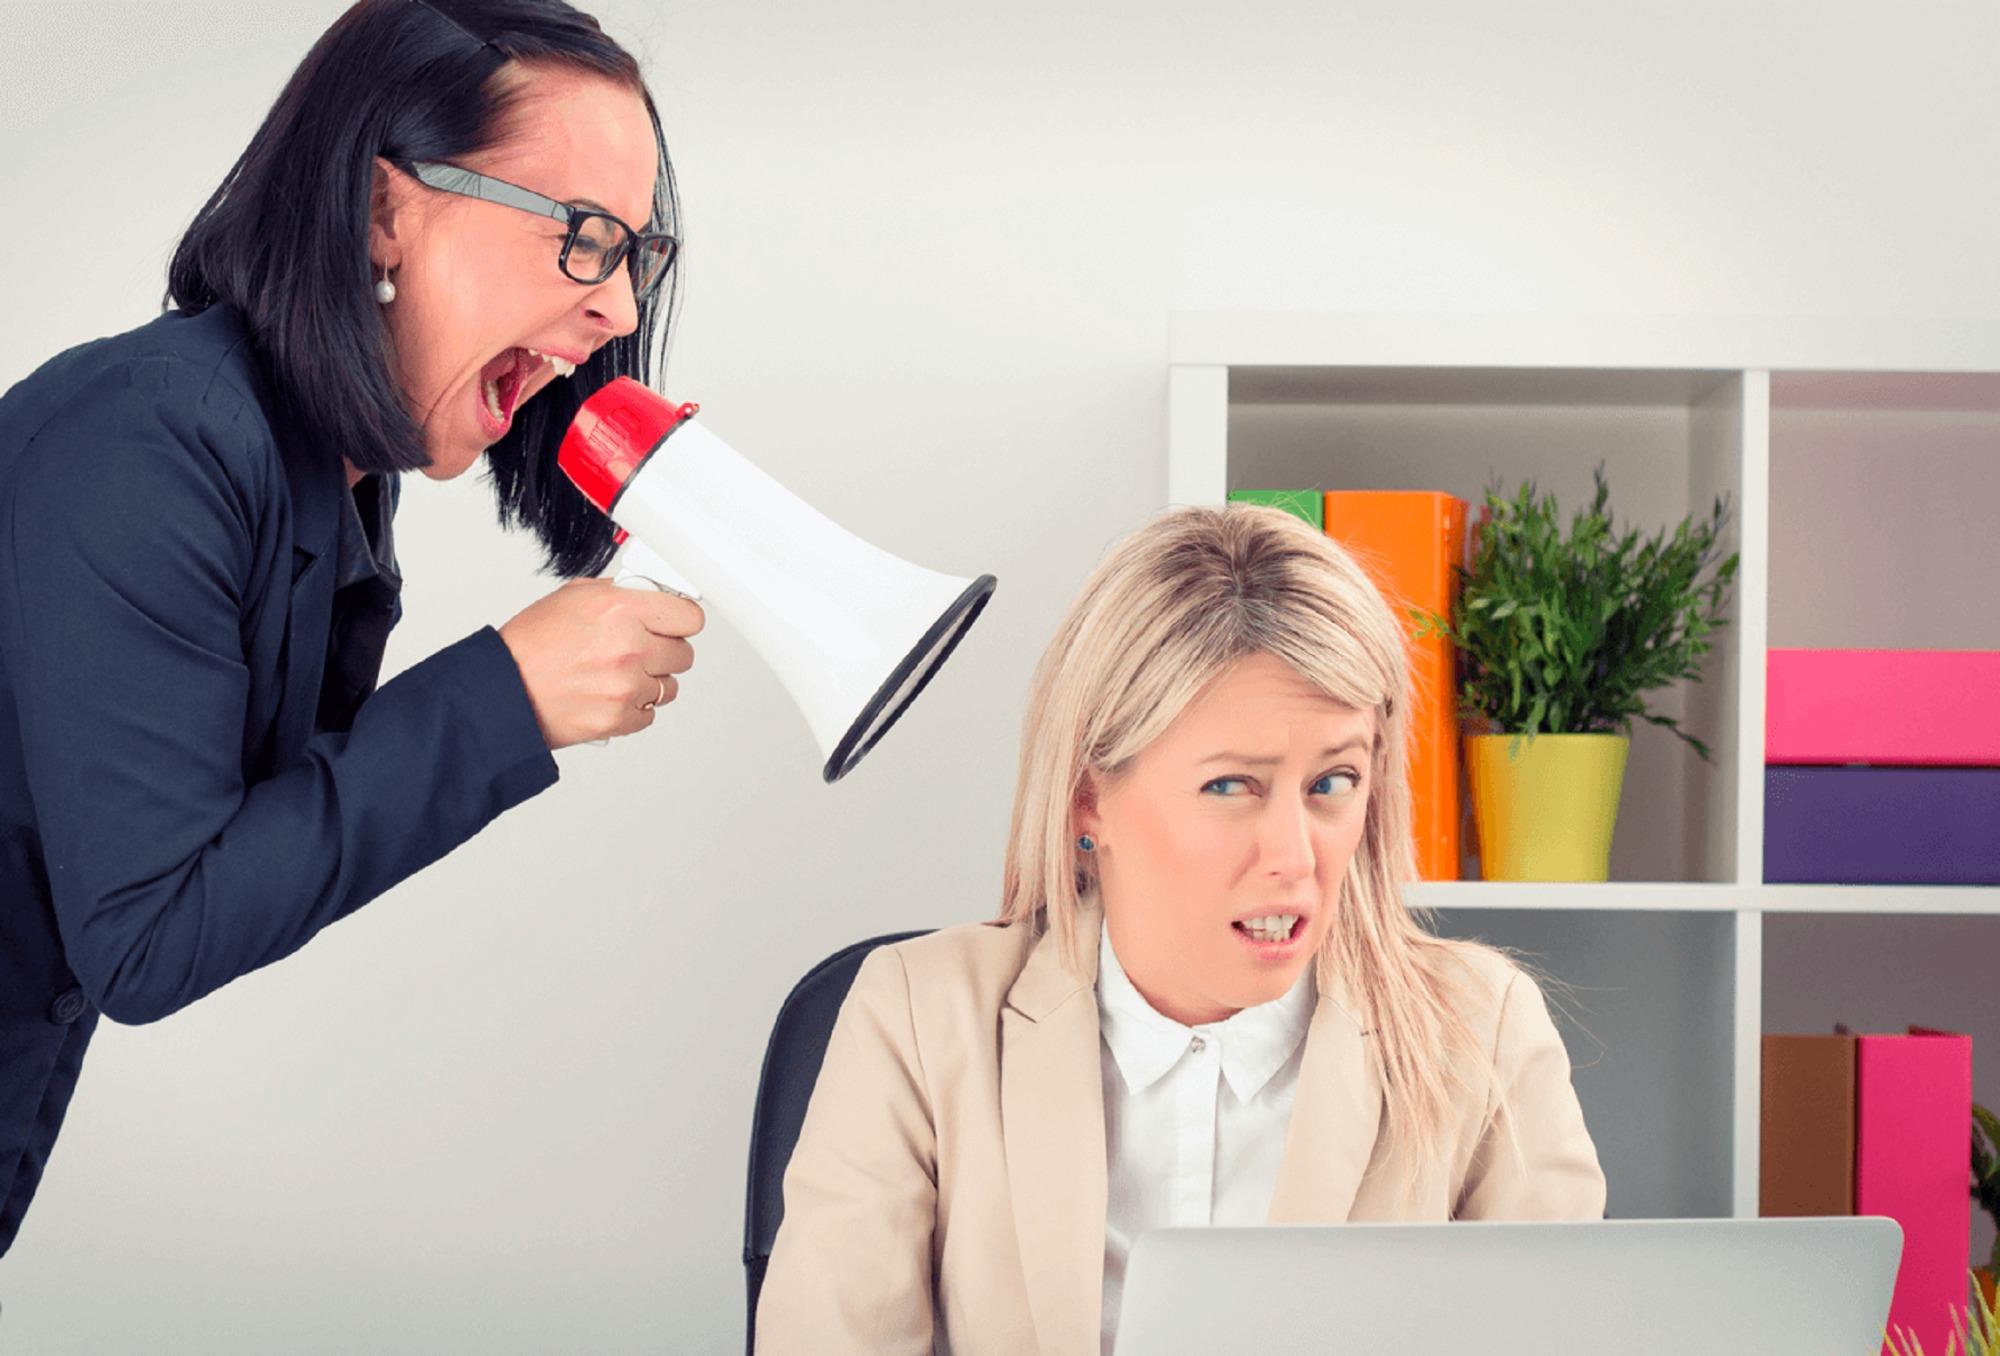 Bossing y el acoso laboral